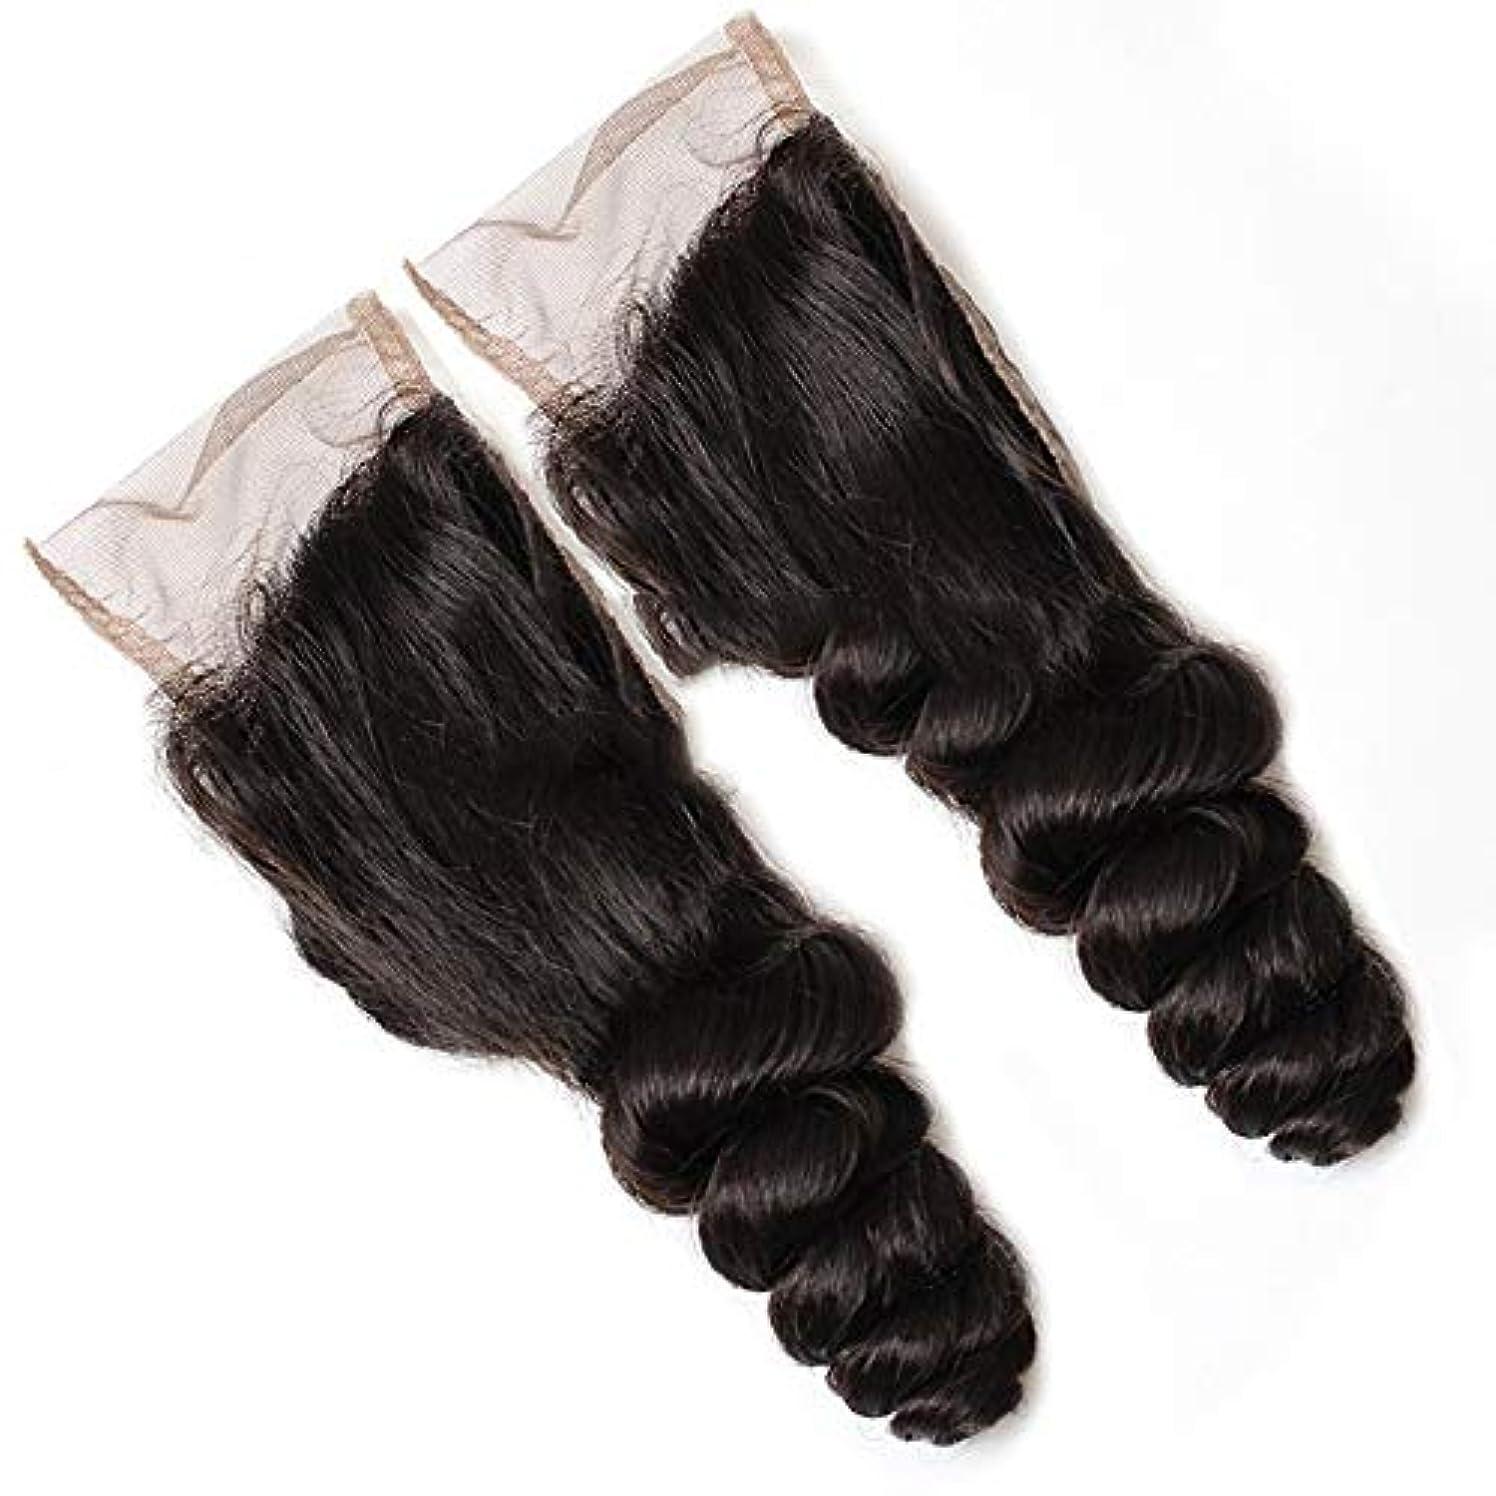 マカダム水銀の吸い込むWASAIO ヘアエクステンションブラジルバンドルリアルブラック8「-20」4X4のフルレースクロージャーワンタンウェーブ人間の髪 (色 : 黒, サイズ : 14 inch)